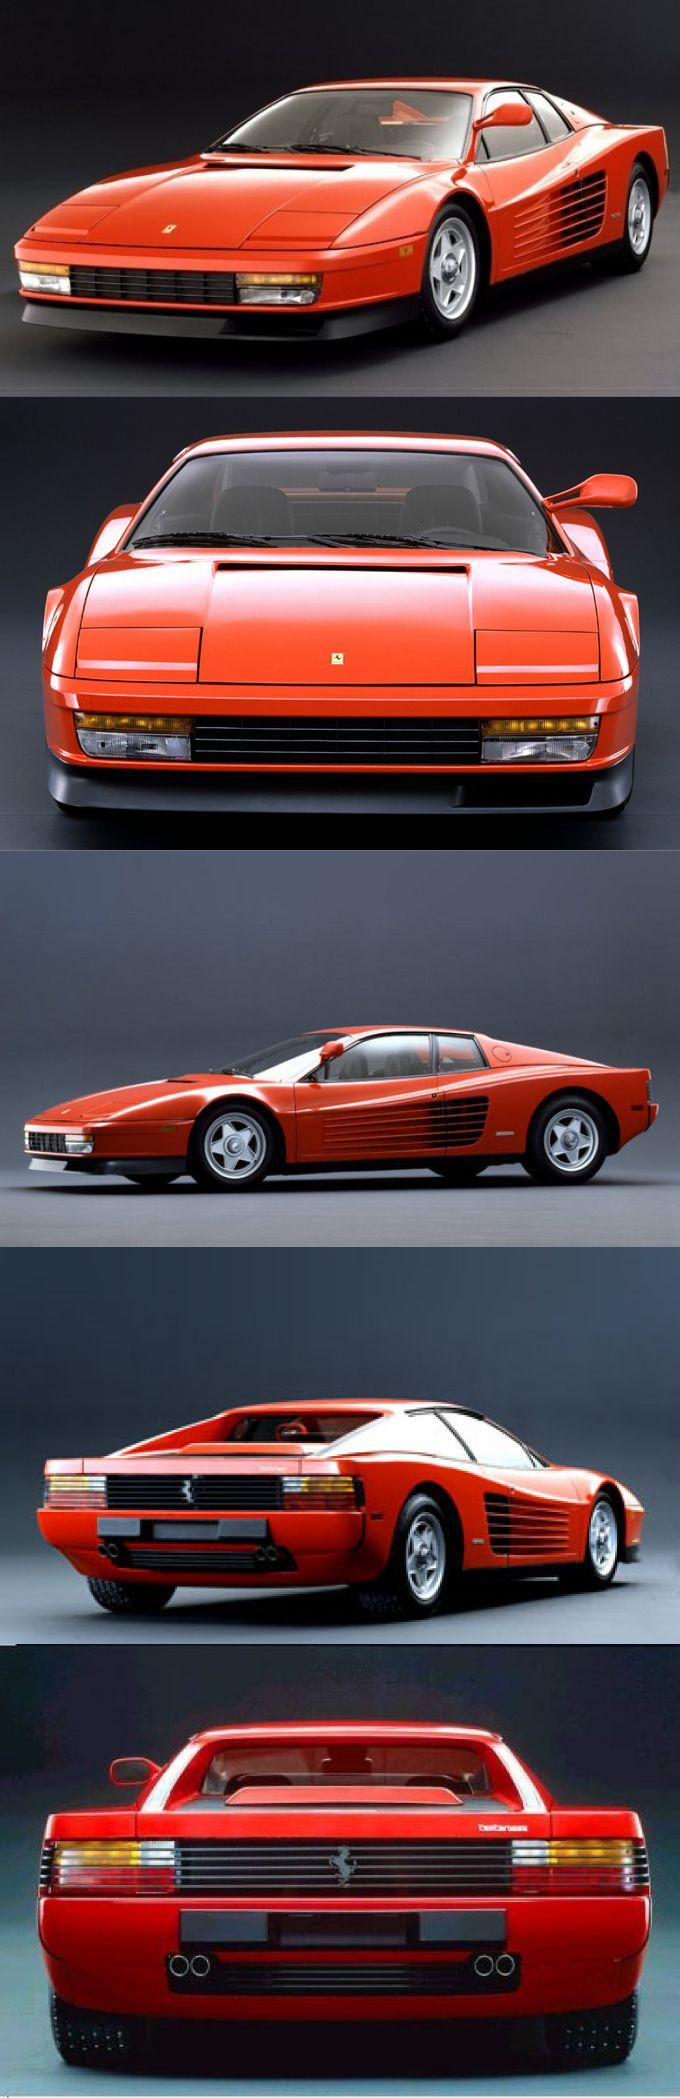 1984 Ferrari Testarossa So sah er zusammengebaut aus (als Modell natürlich ;-) ). Nur an den einzelnen hohen Seitenspiegel erinnere ich mich gerade nicht (muss ich mal bei den anderen Teilen nachschauen, die erst wieder eine Rolle spielen, wenn das Modell an sich fährt), da mir das Modell meine Oma schenkte, als ich noch klein war. Und das kann gut vor 18 Jahren oder mehr gewesen sein. ;D